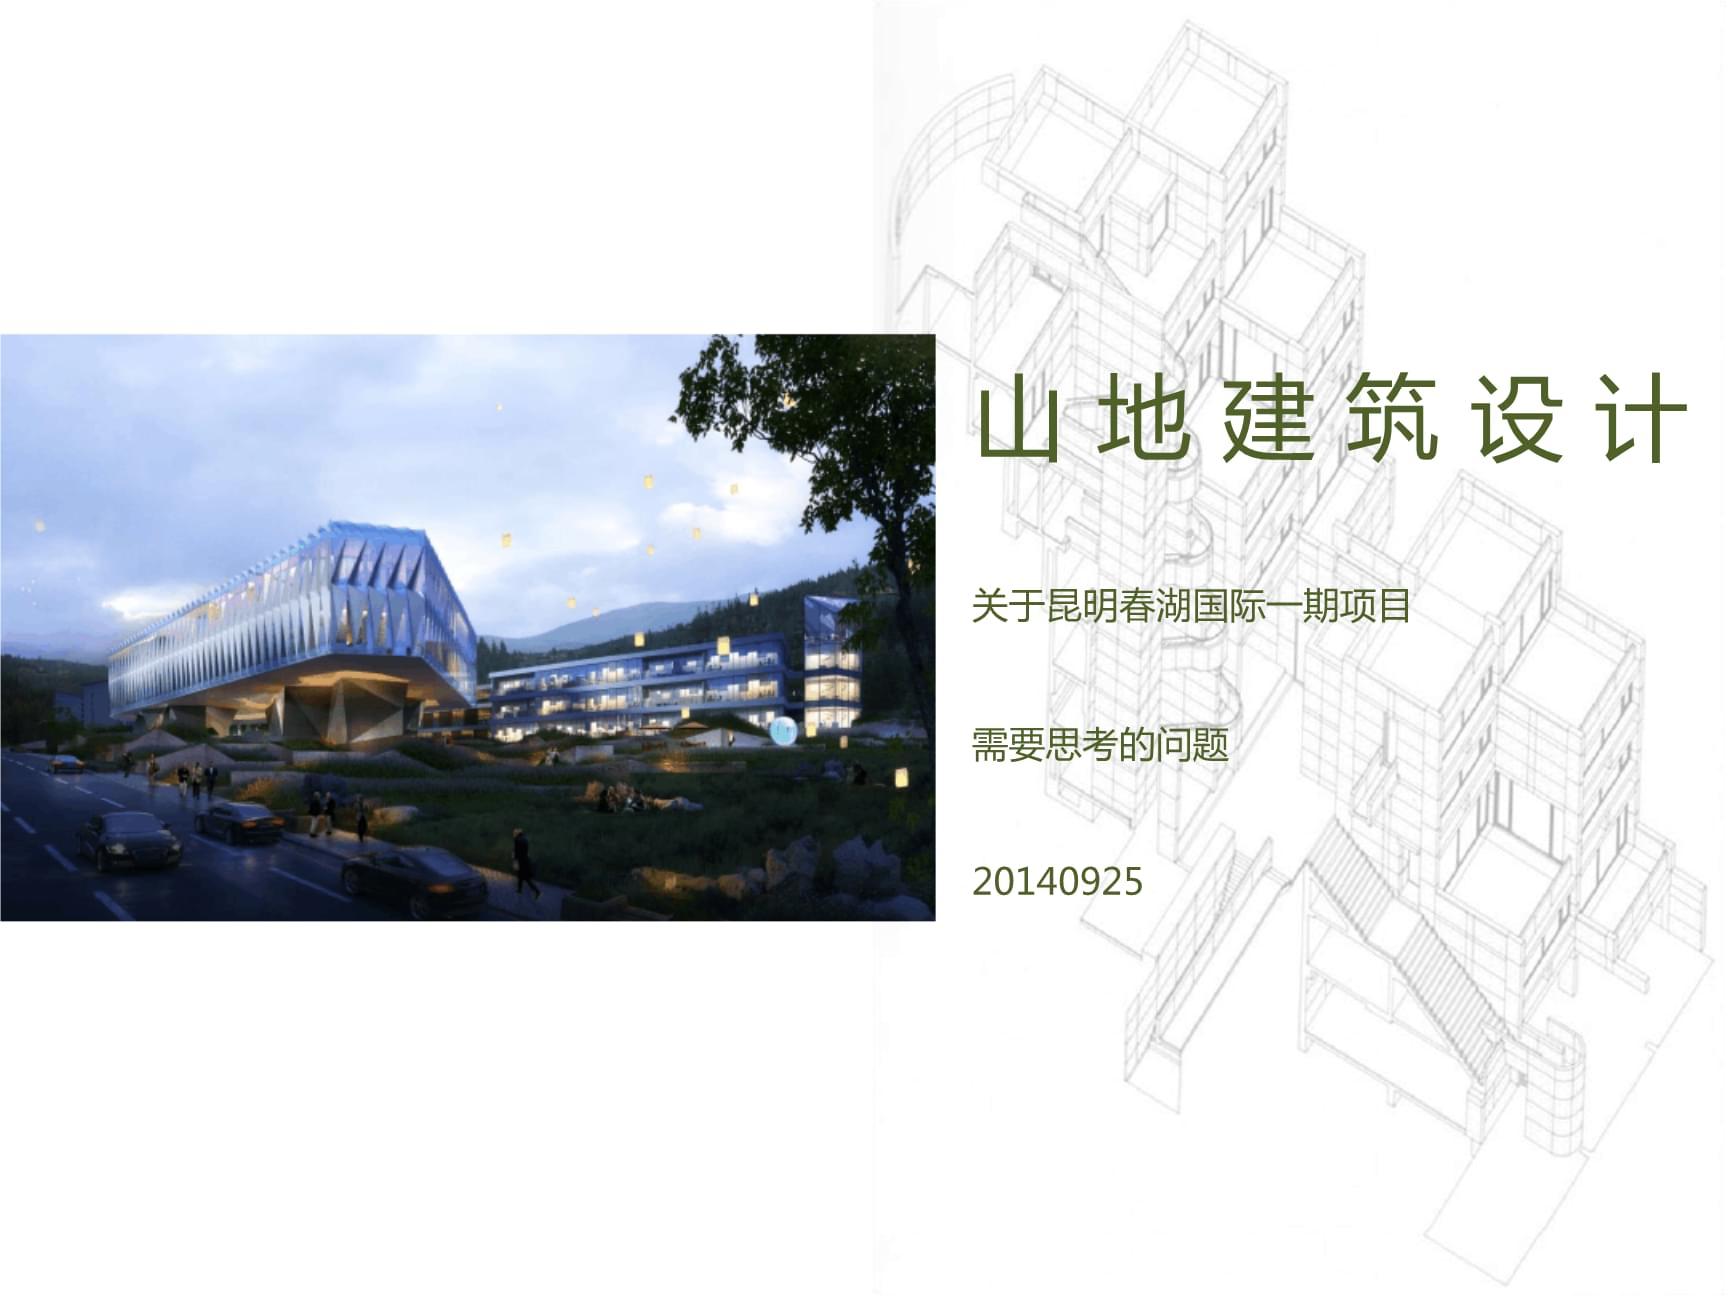 有关山地建筑设计的资料.ppt